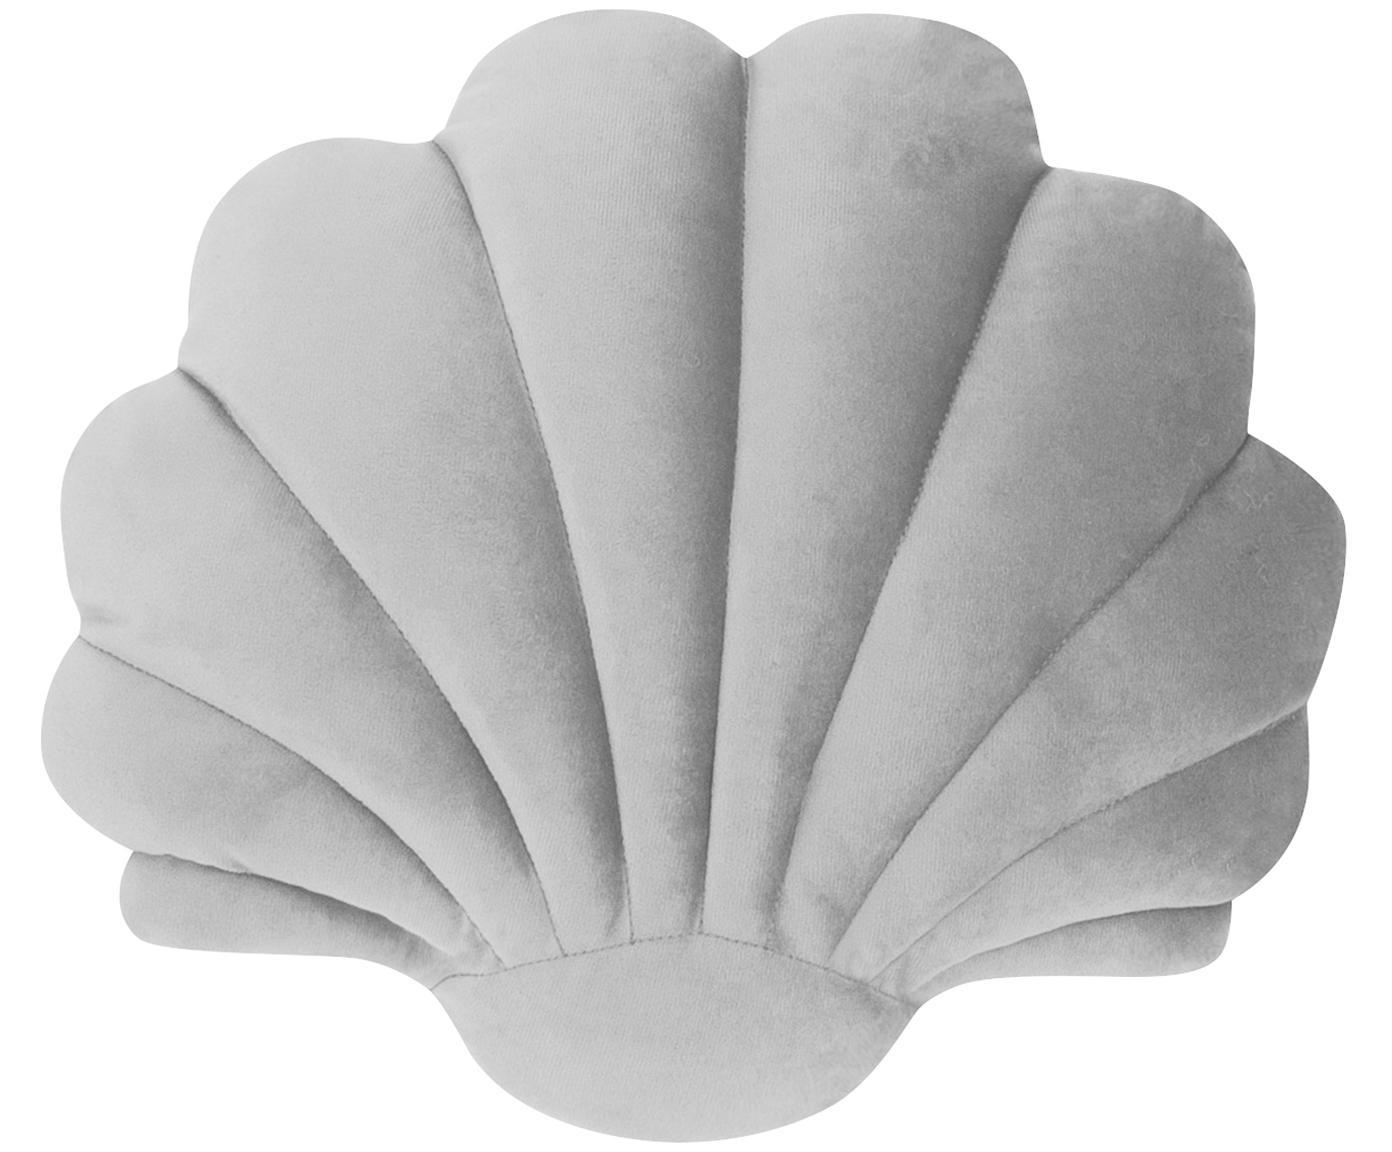 Poduszka Shell, Tapicerka: 100% aksamit poliestrowy, Jasny szary, S 28 x D 30 cm